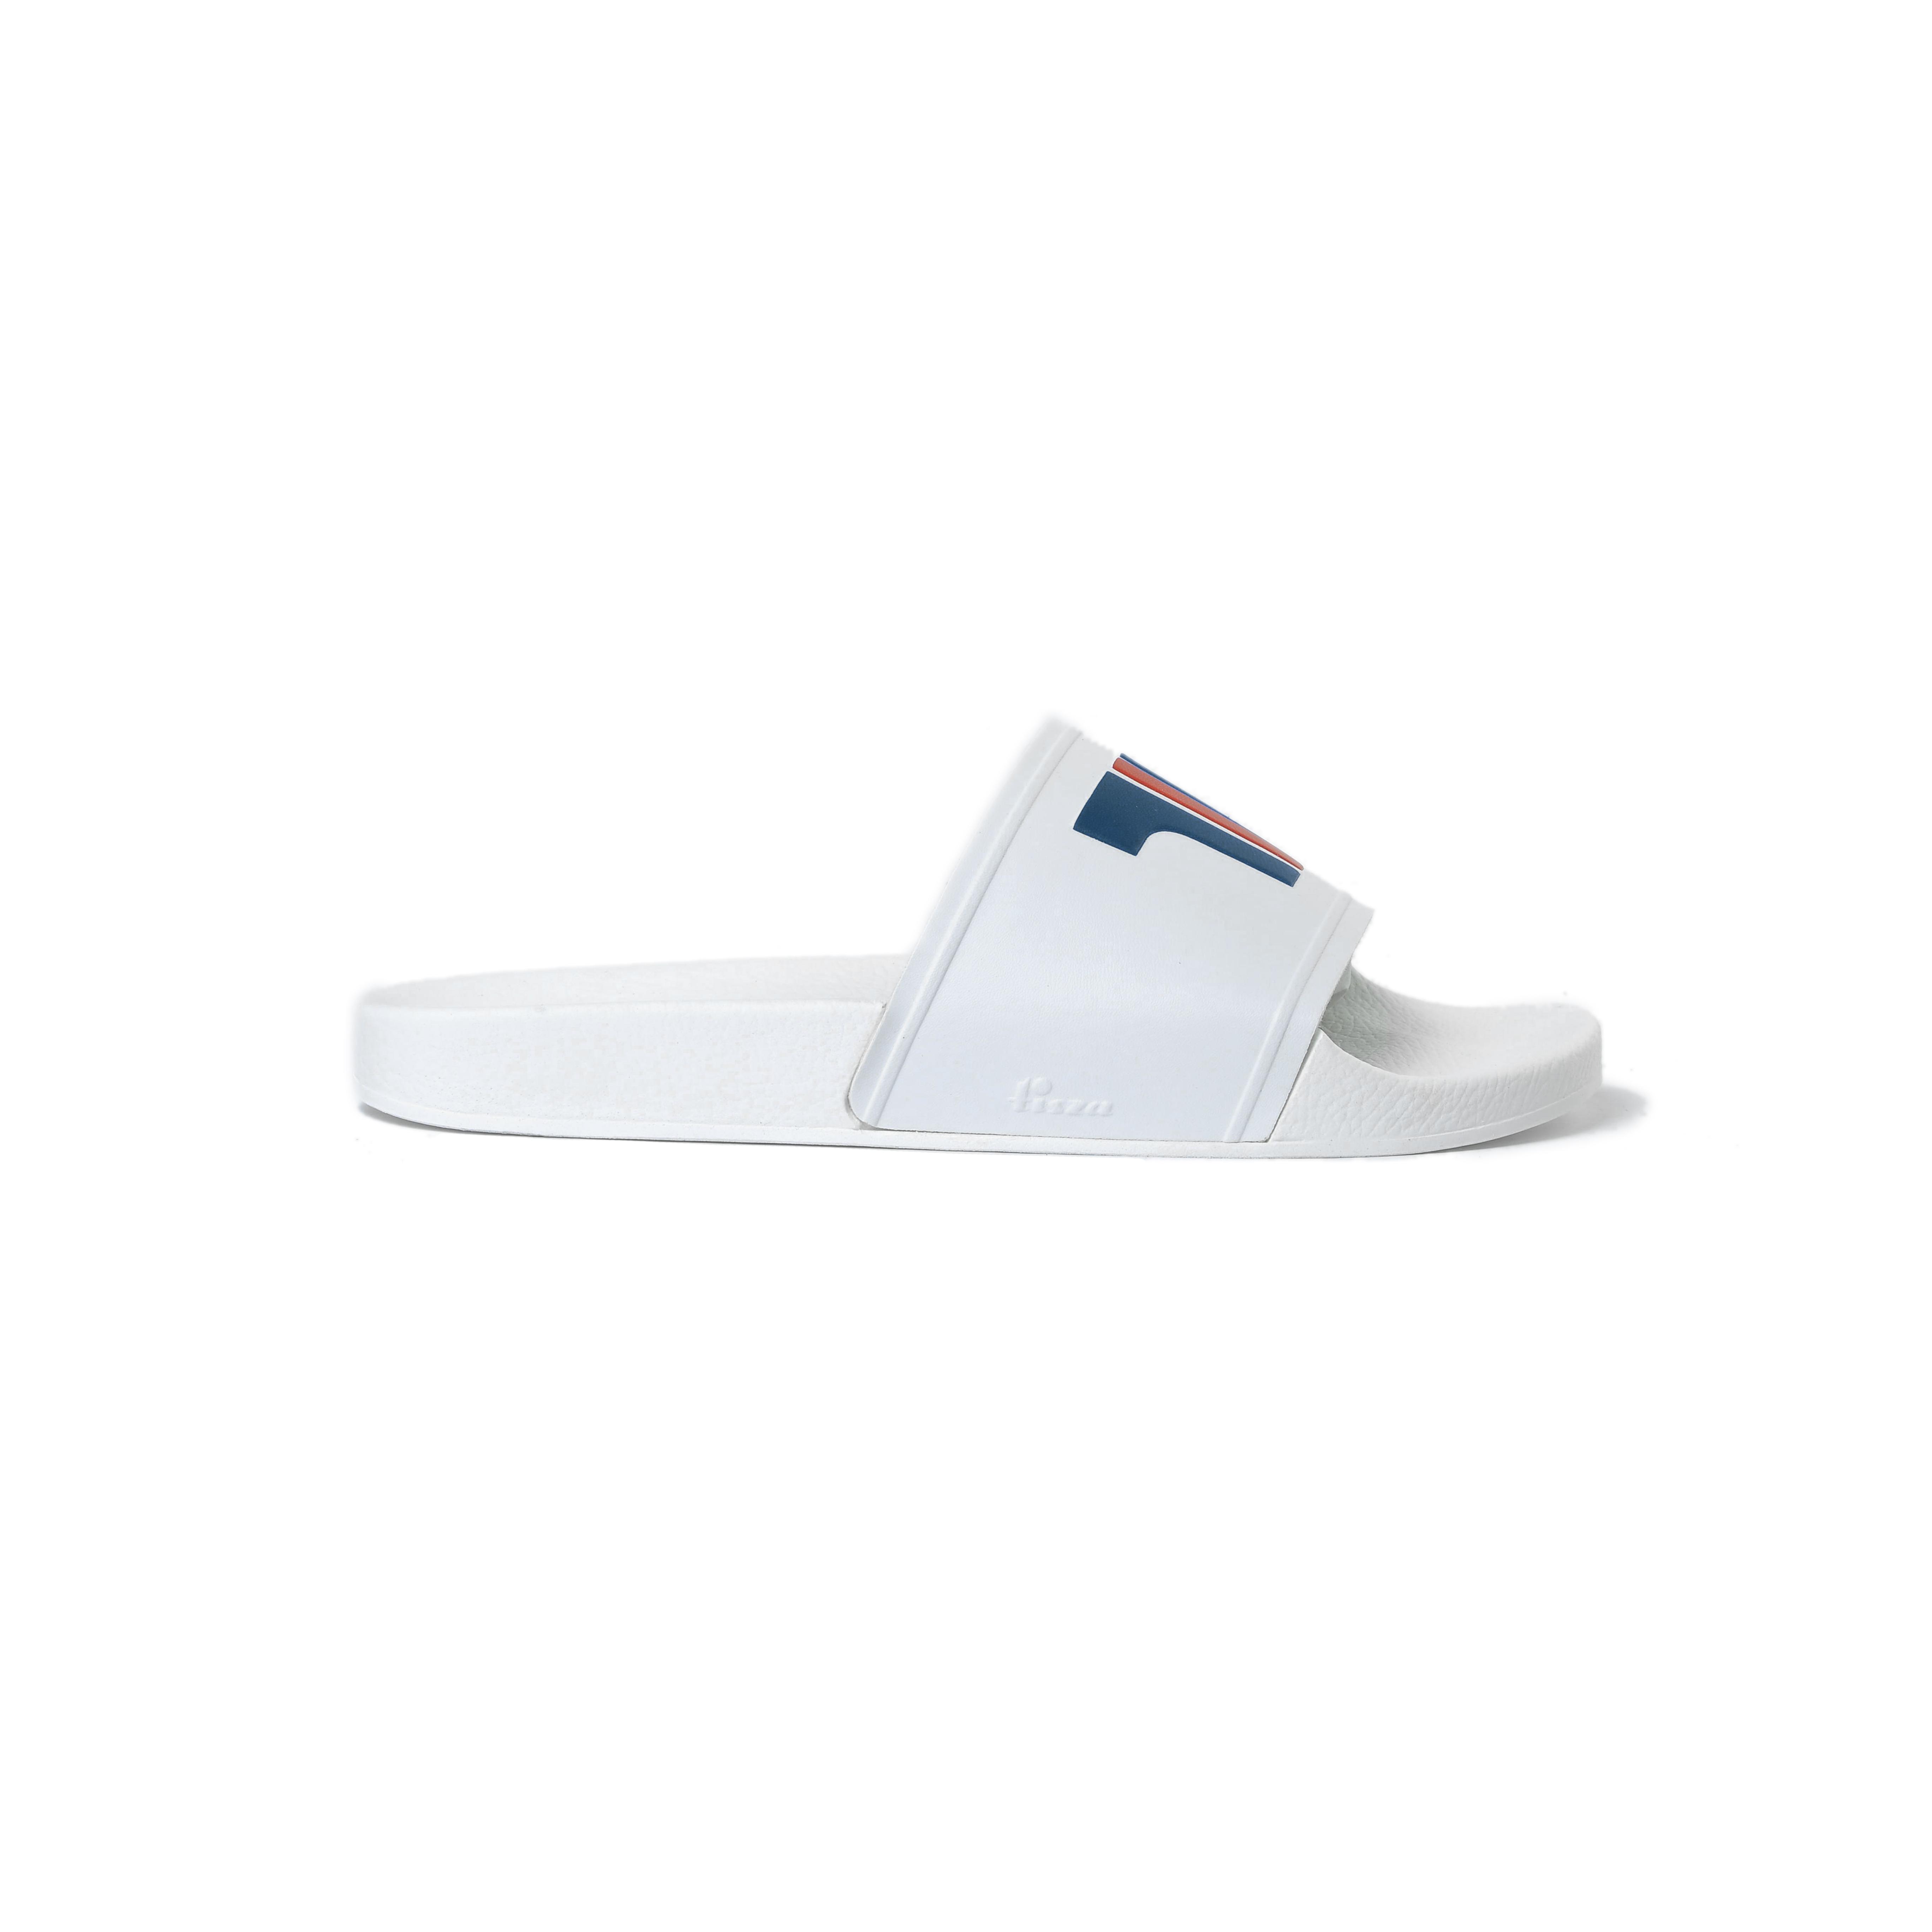 Tisza shoes - Sliders - White-classic